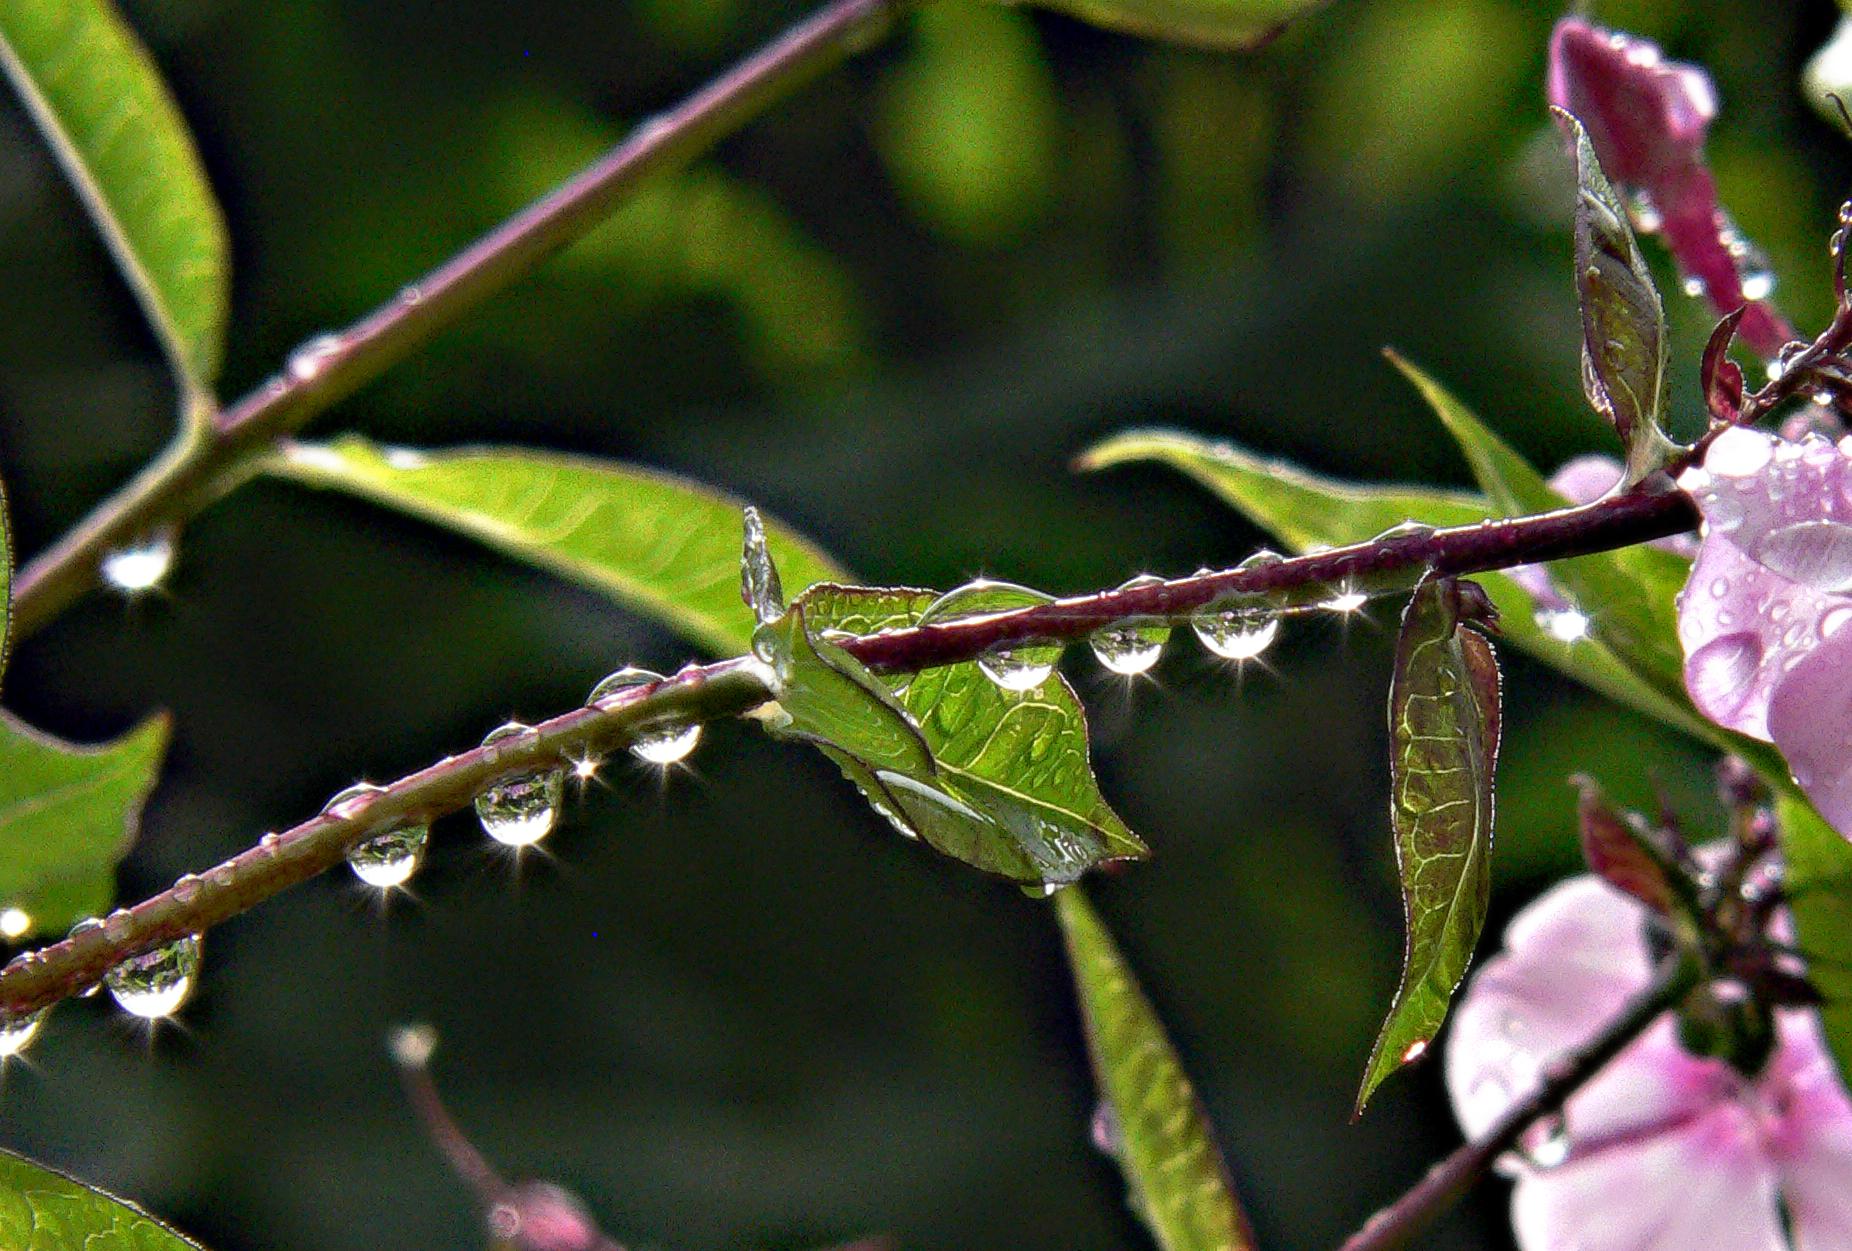 Съемка-после-дождя-капли-росы